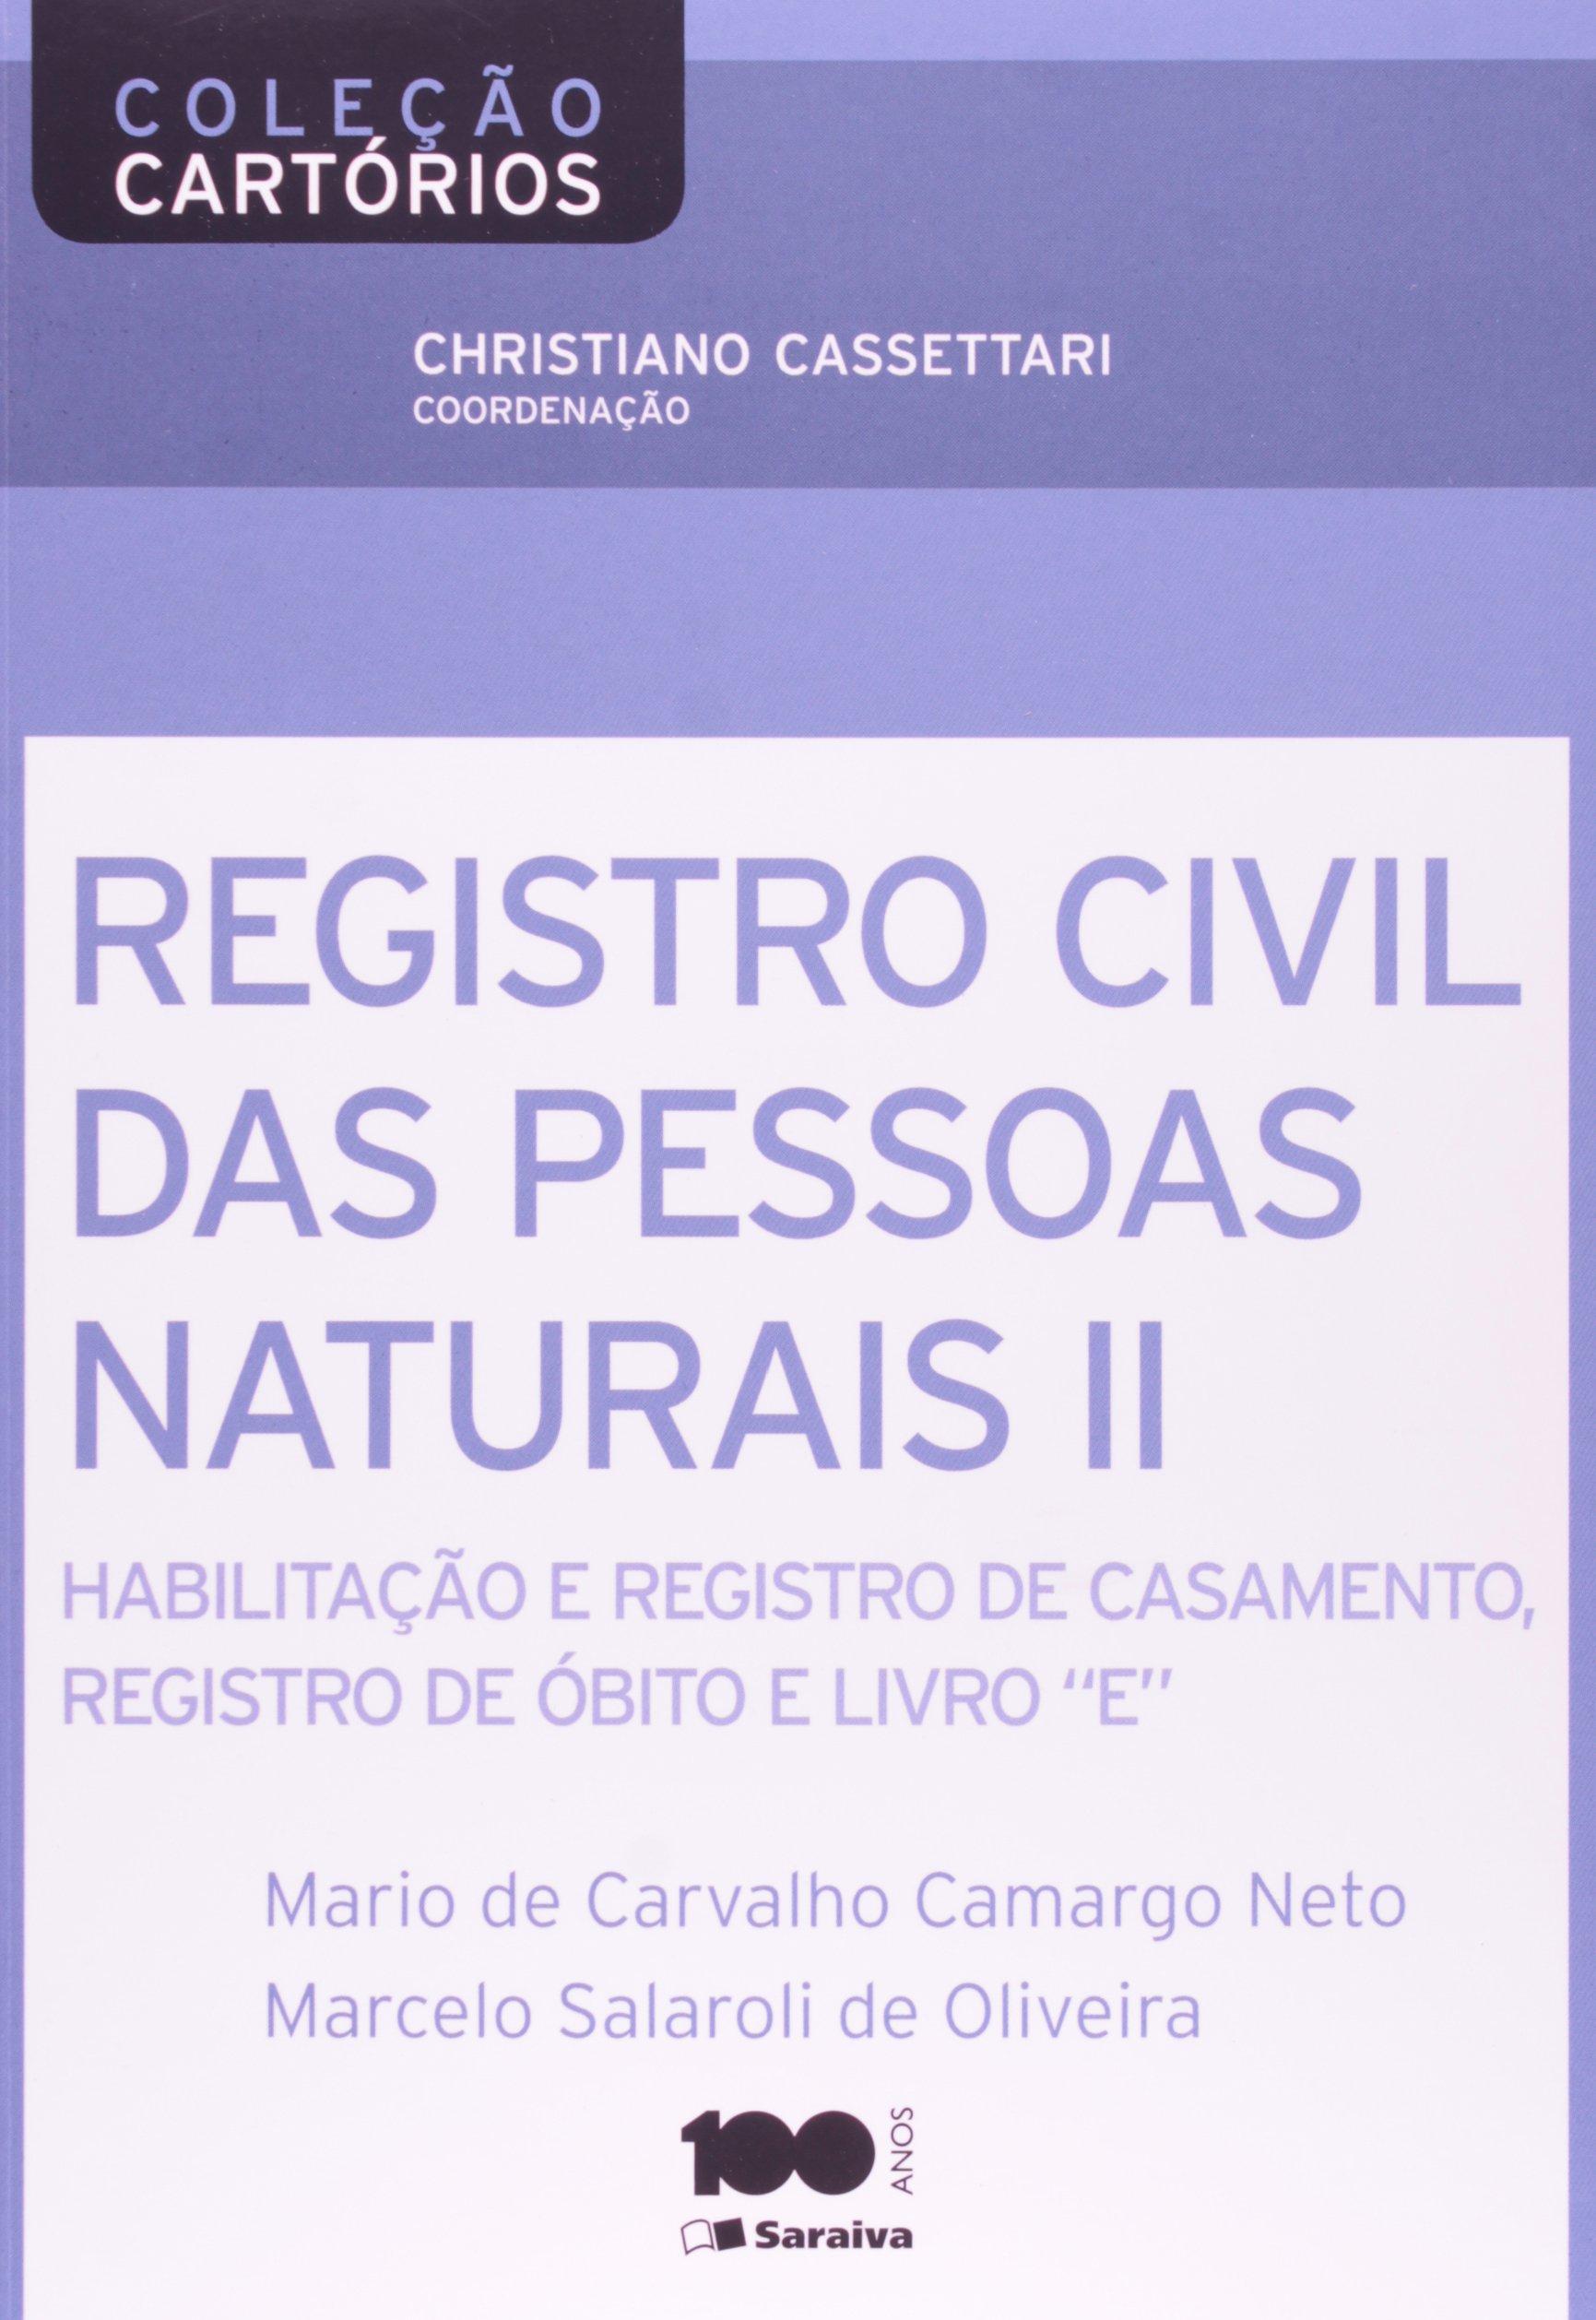 Coleção Cartórios (Em Portuguese do Brasil): Mário de Carvalho Camargo Neto: 9788502224094: Amazon.com: Books